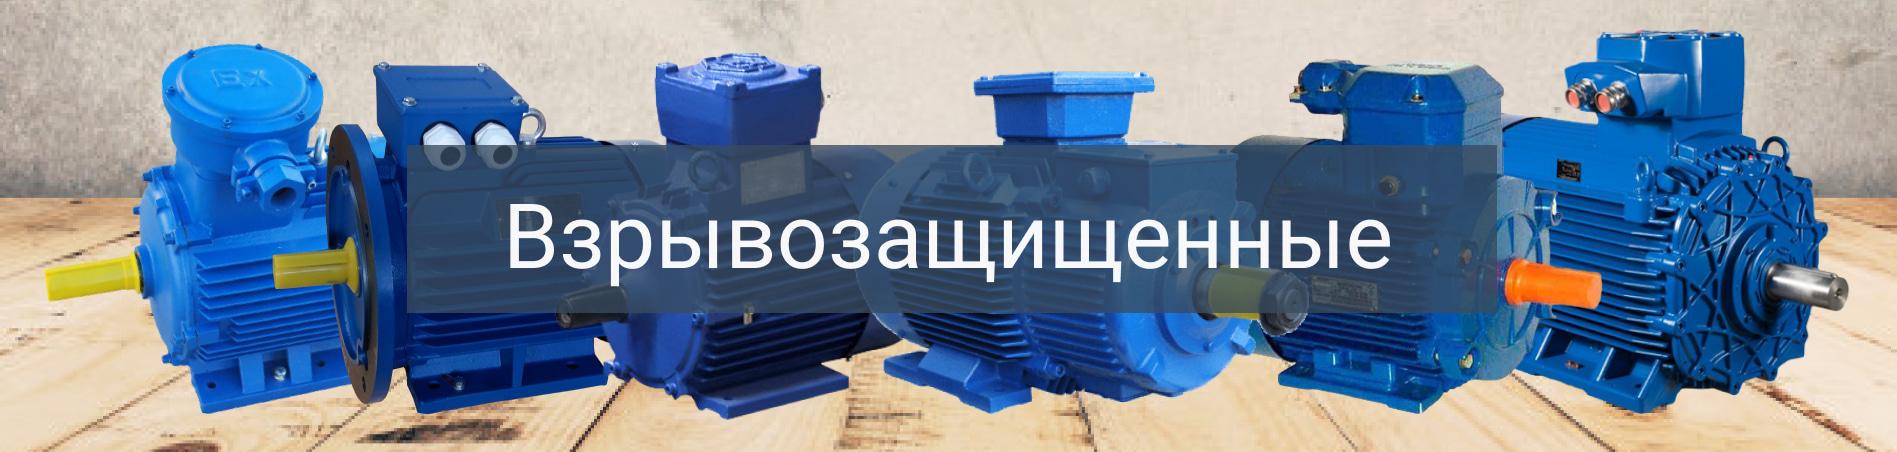 Взрывозащищенные электродвигатели 7,5 квт